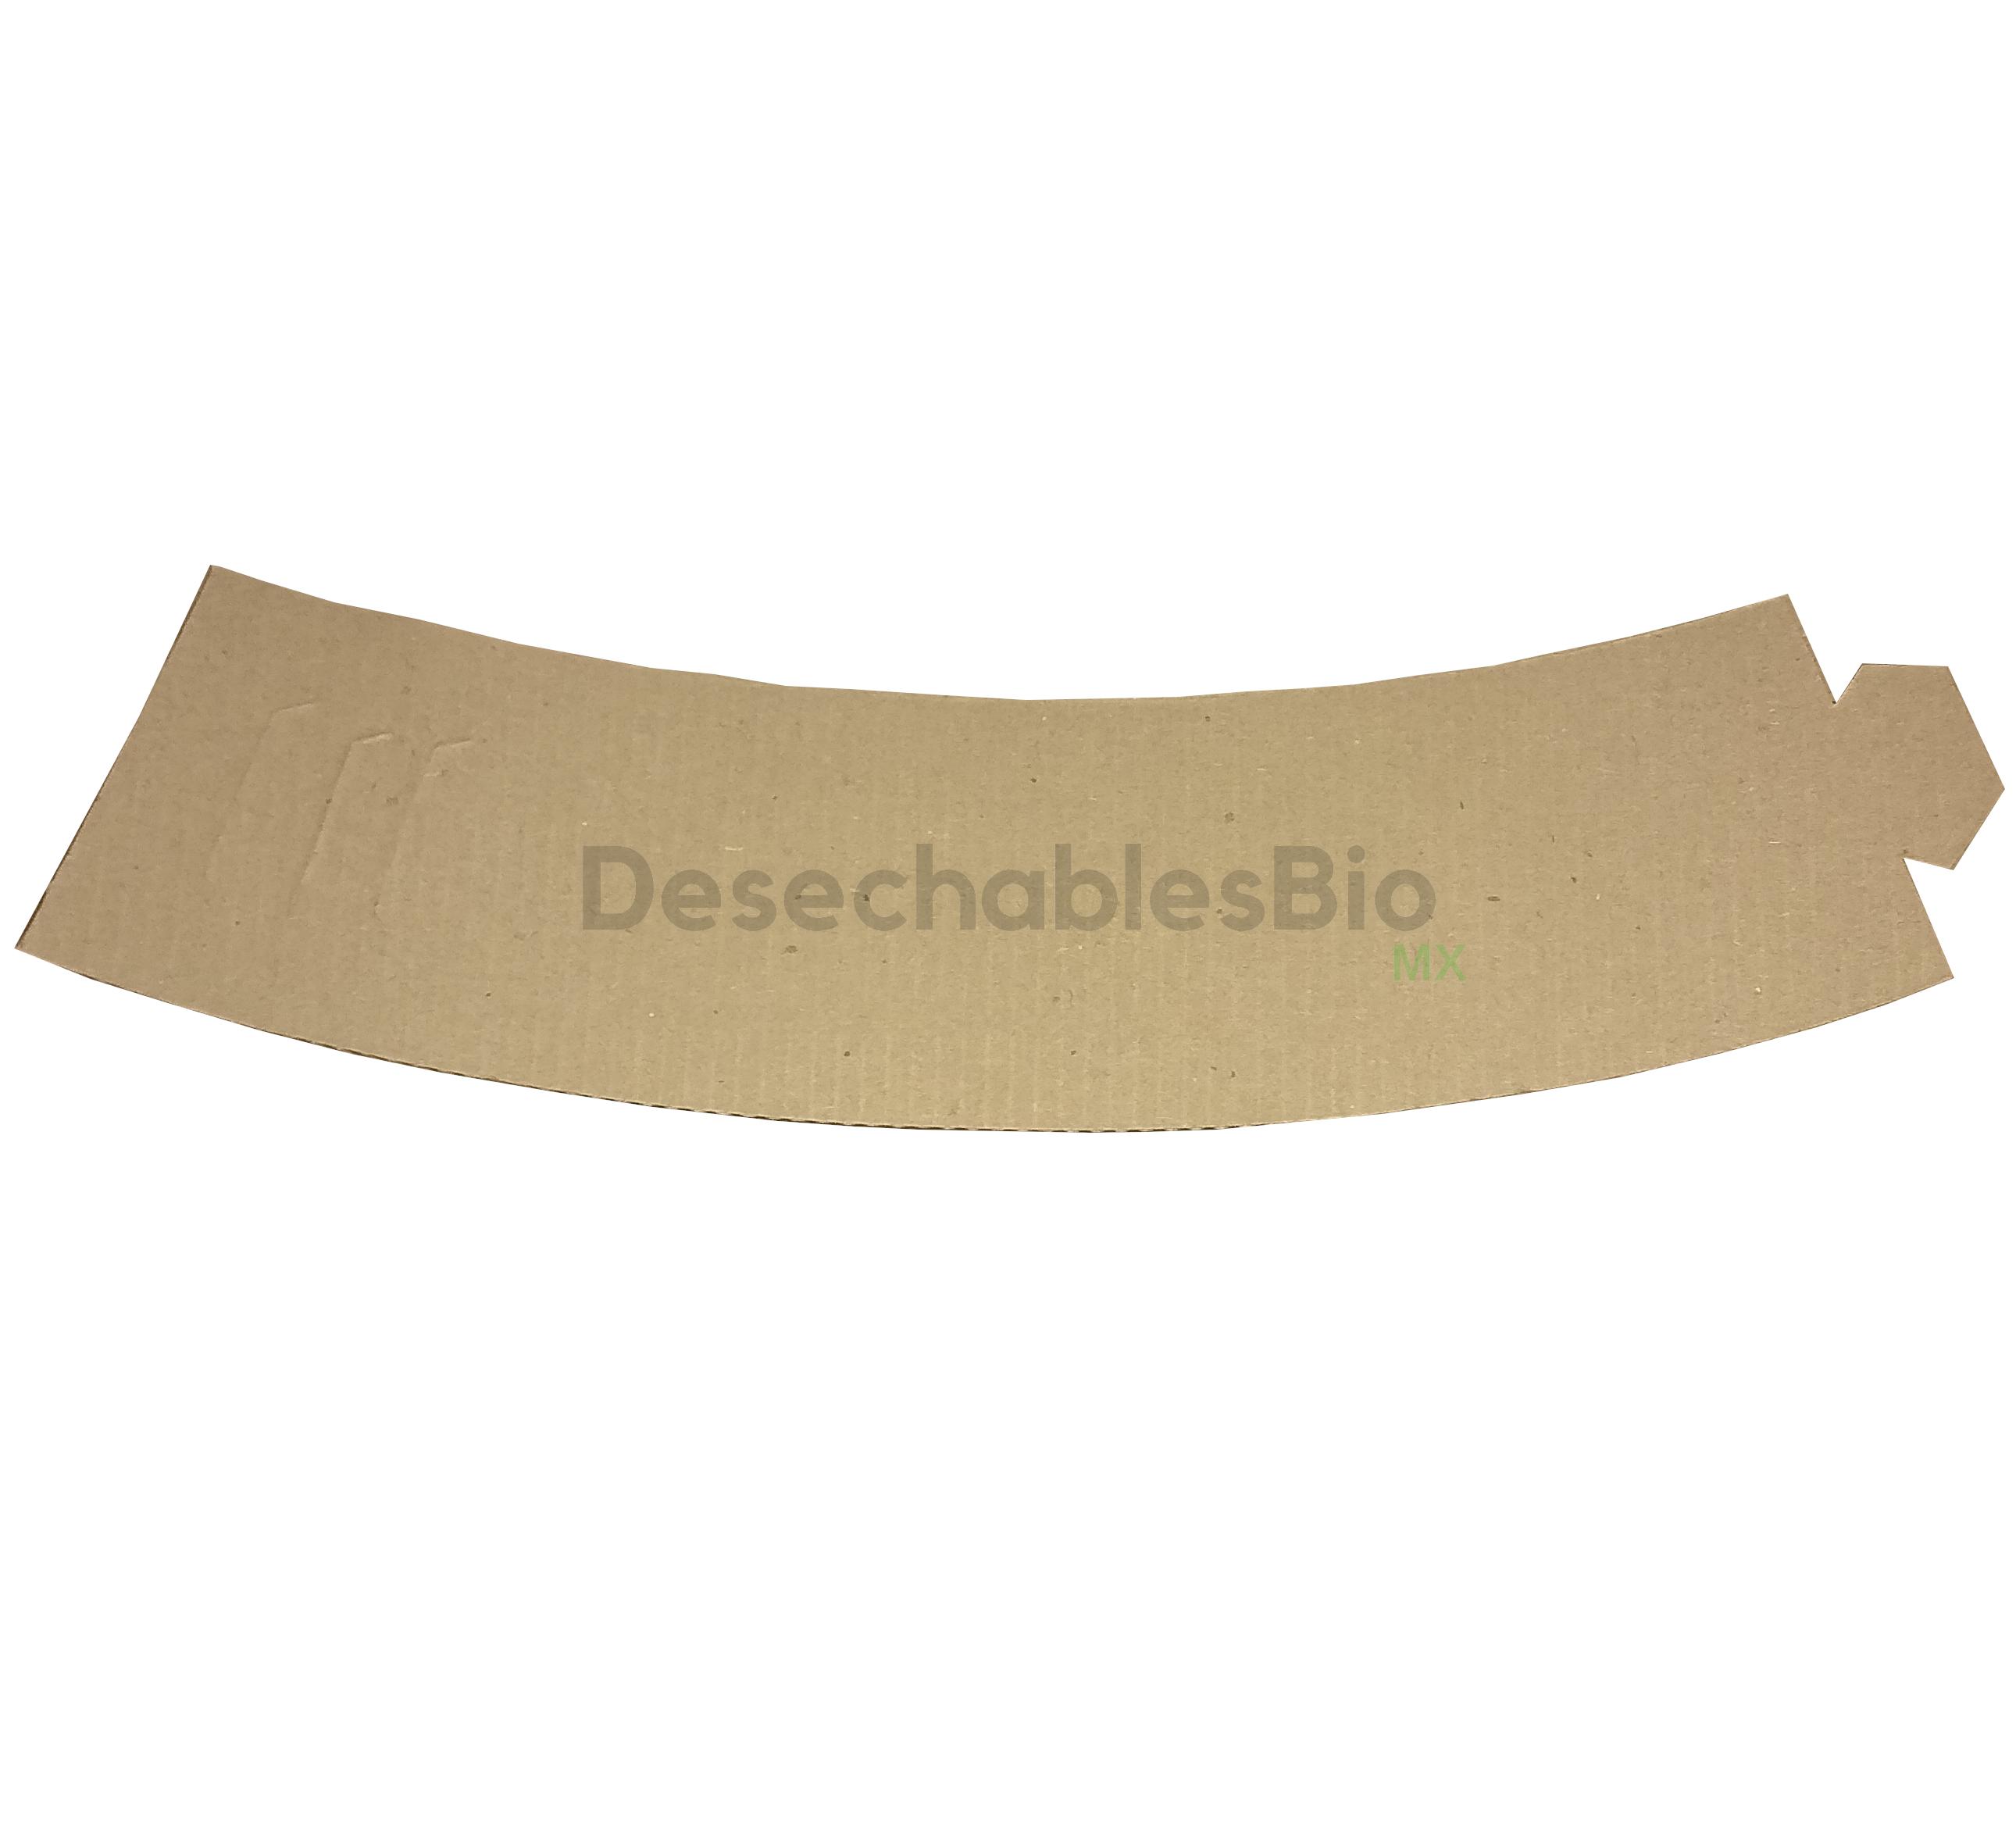 Desechables Bio México | Cintillo protector vaso térmico 8 a 20 oz. 6